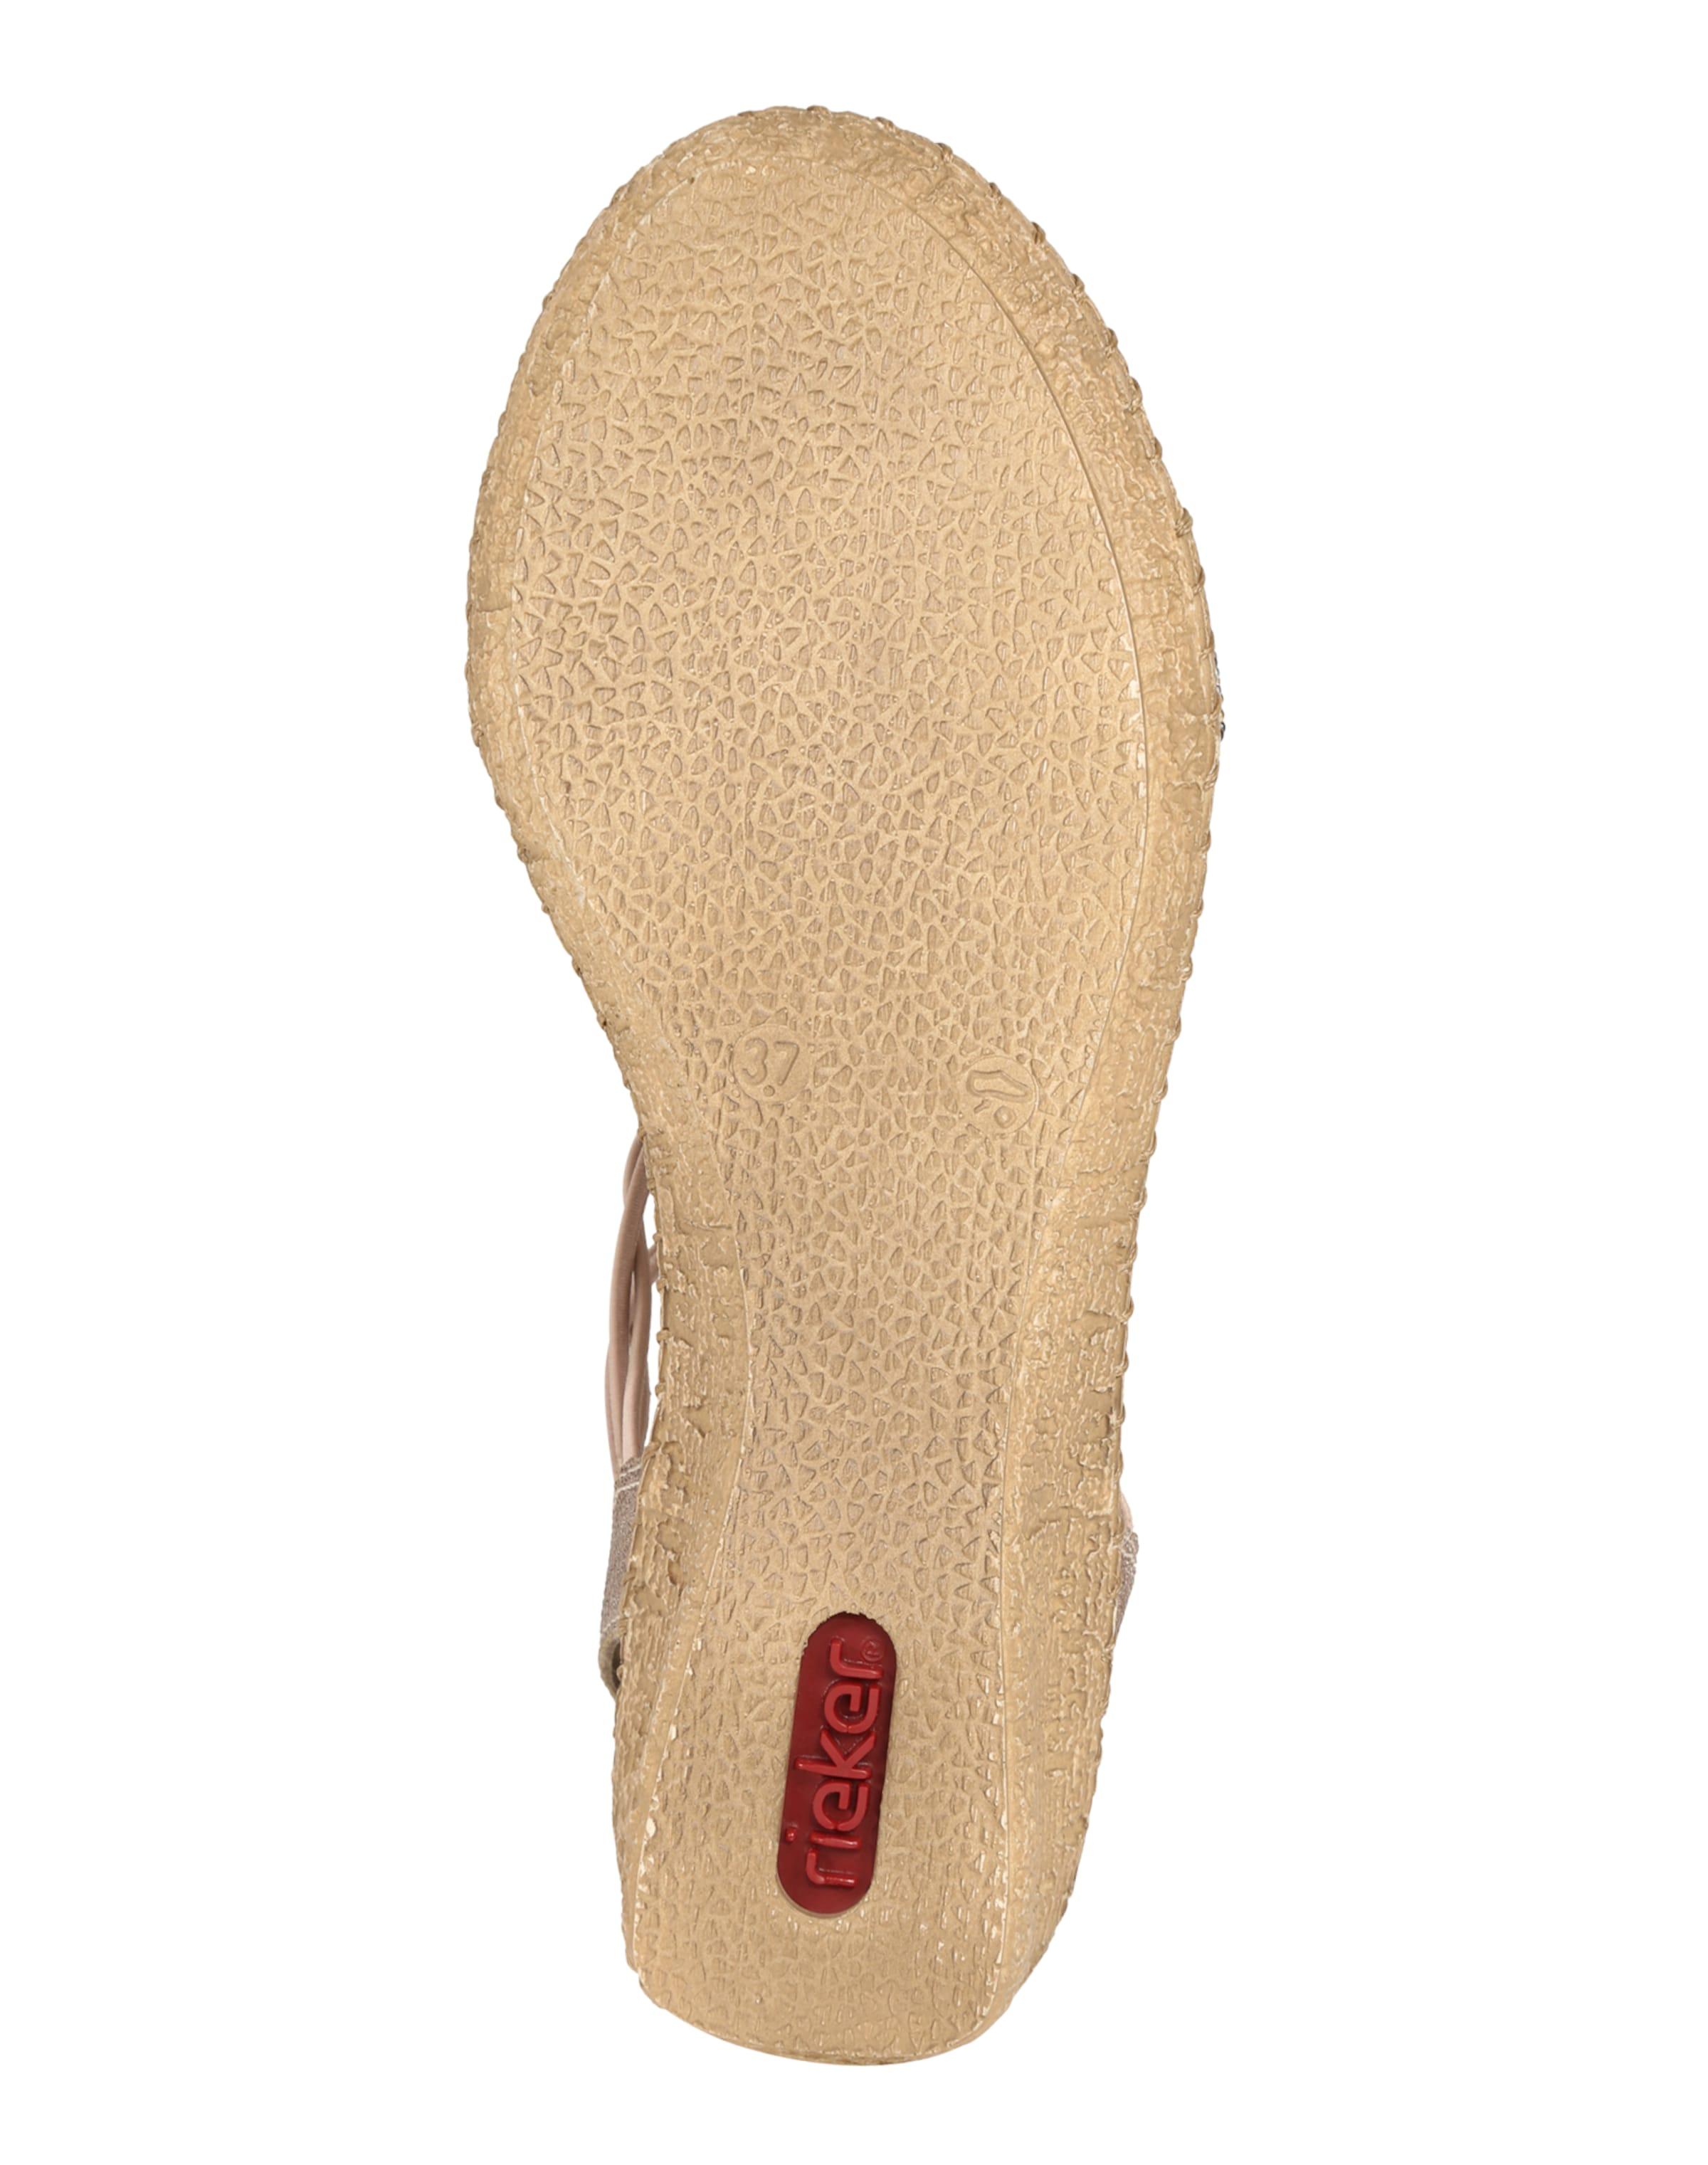 RIEKER Sandaletten Sandaletten Sandaletten Synthetik Verkaufen Sie saisonale Aktionen f6ba4c